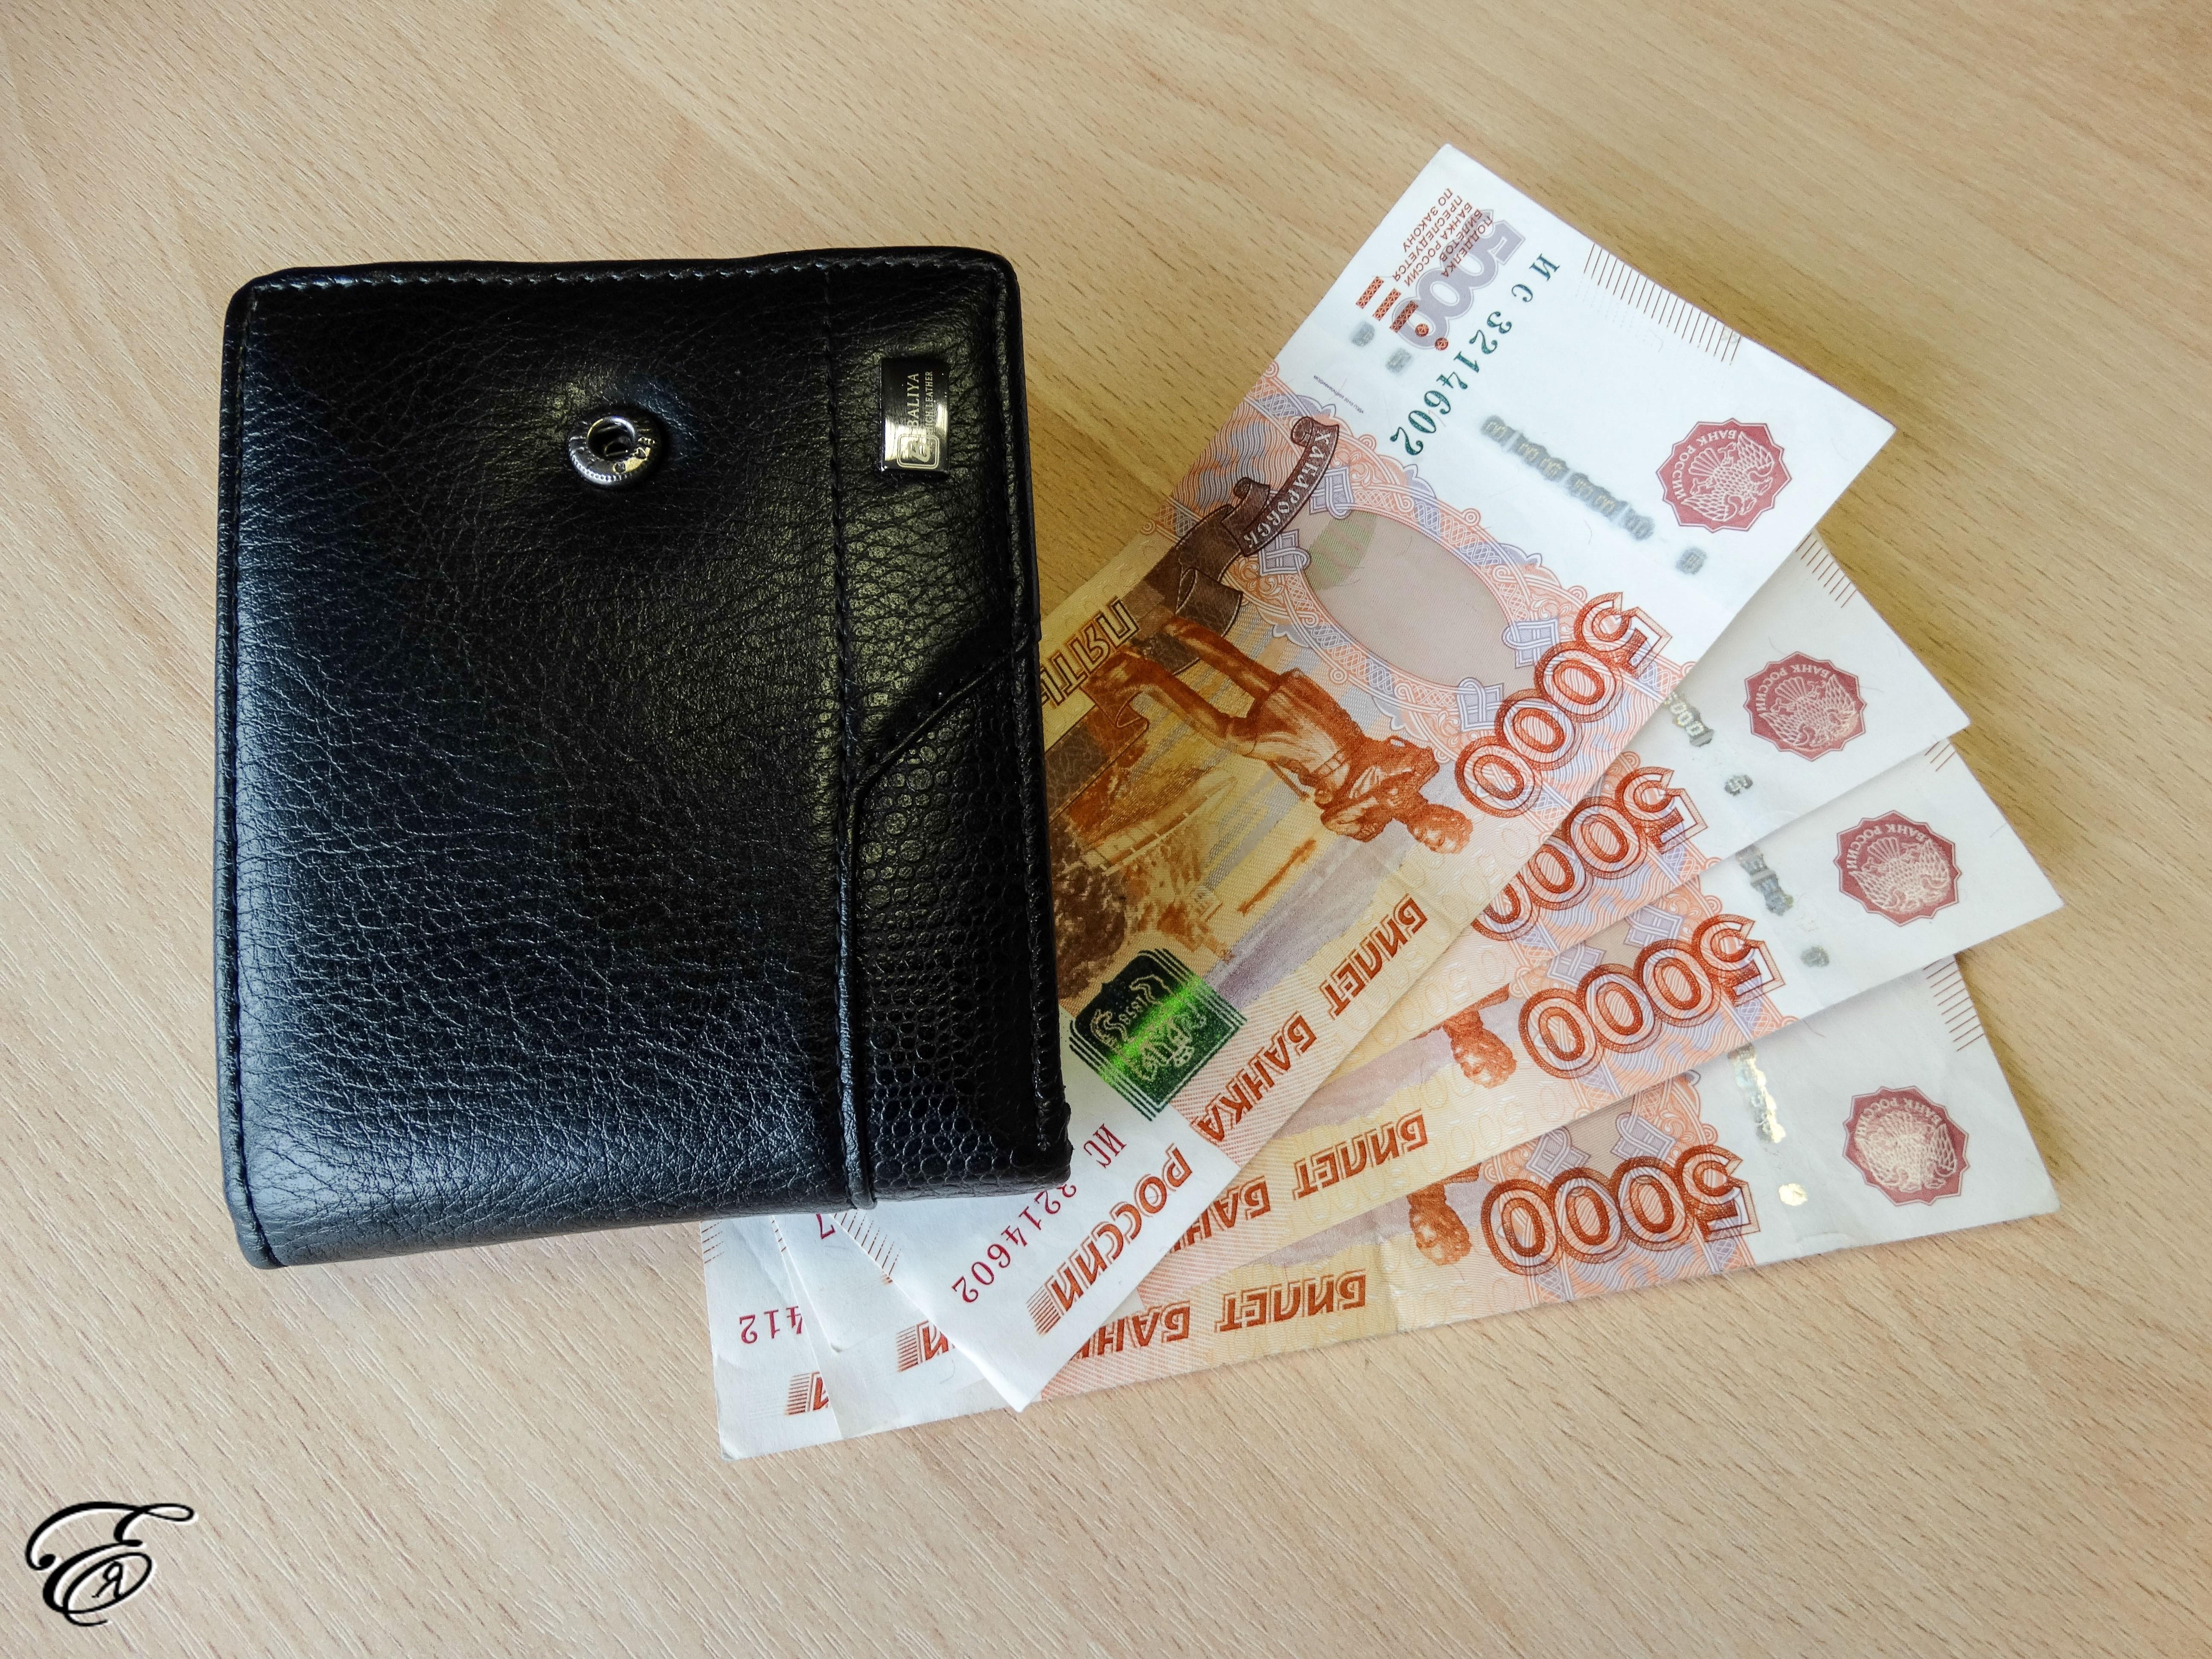 Долги россиян перед банками превысили 18 трлн рублей